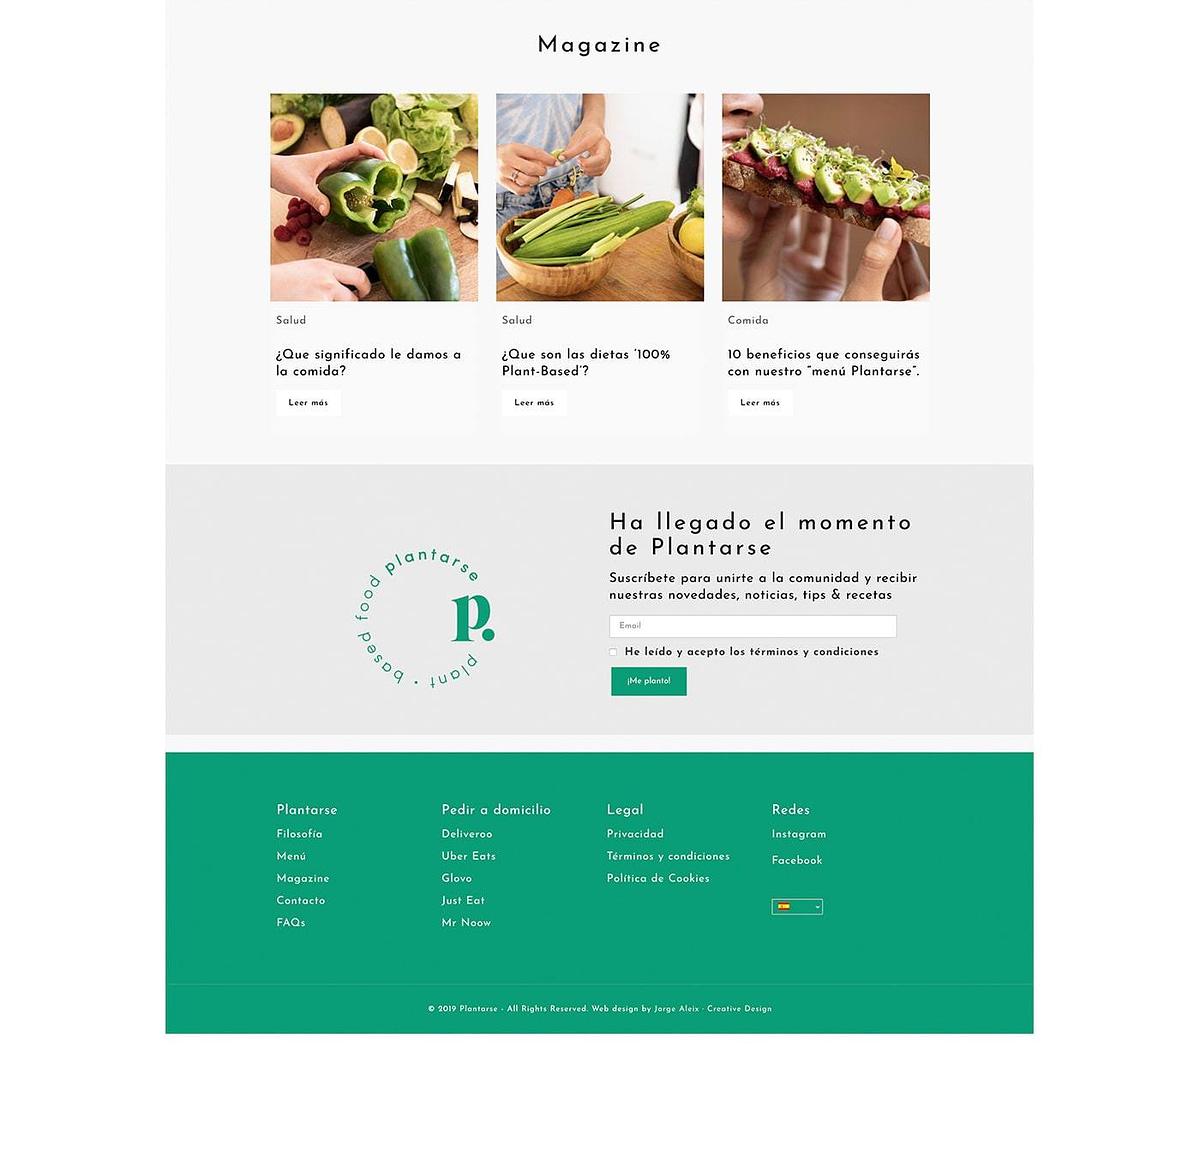 diseño web sección de Magazine